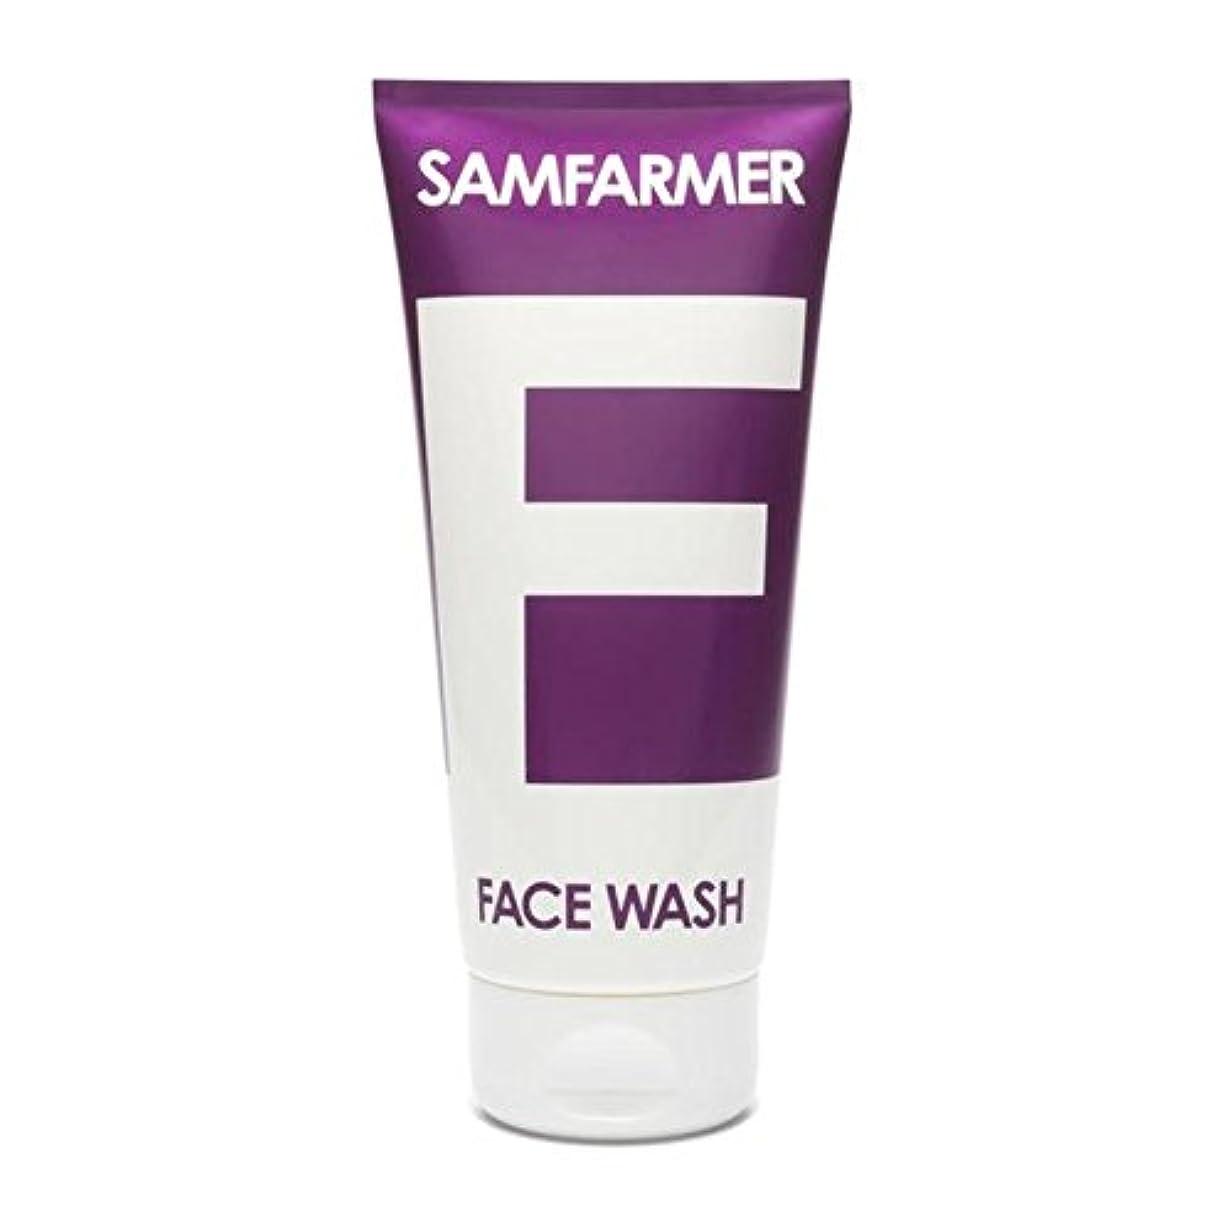 不正直怠感派手ユニセックスフェイスウォッシュ200ミリリットル x4 - SAMFARMER Unisex Face Wash 200ml (Pack of 4) [並行輸入品]